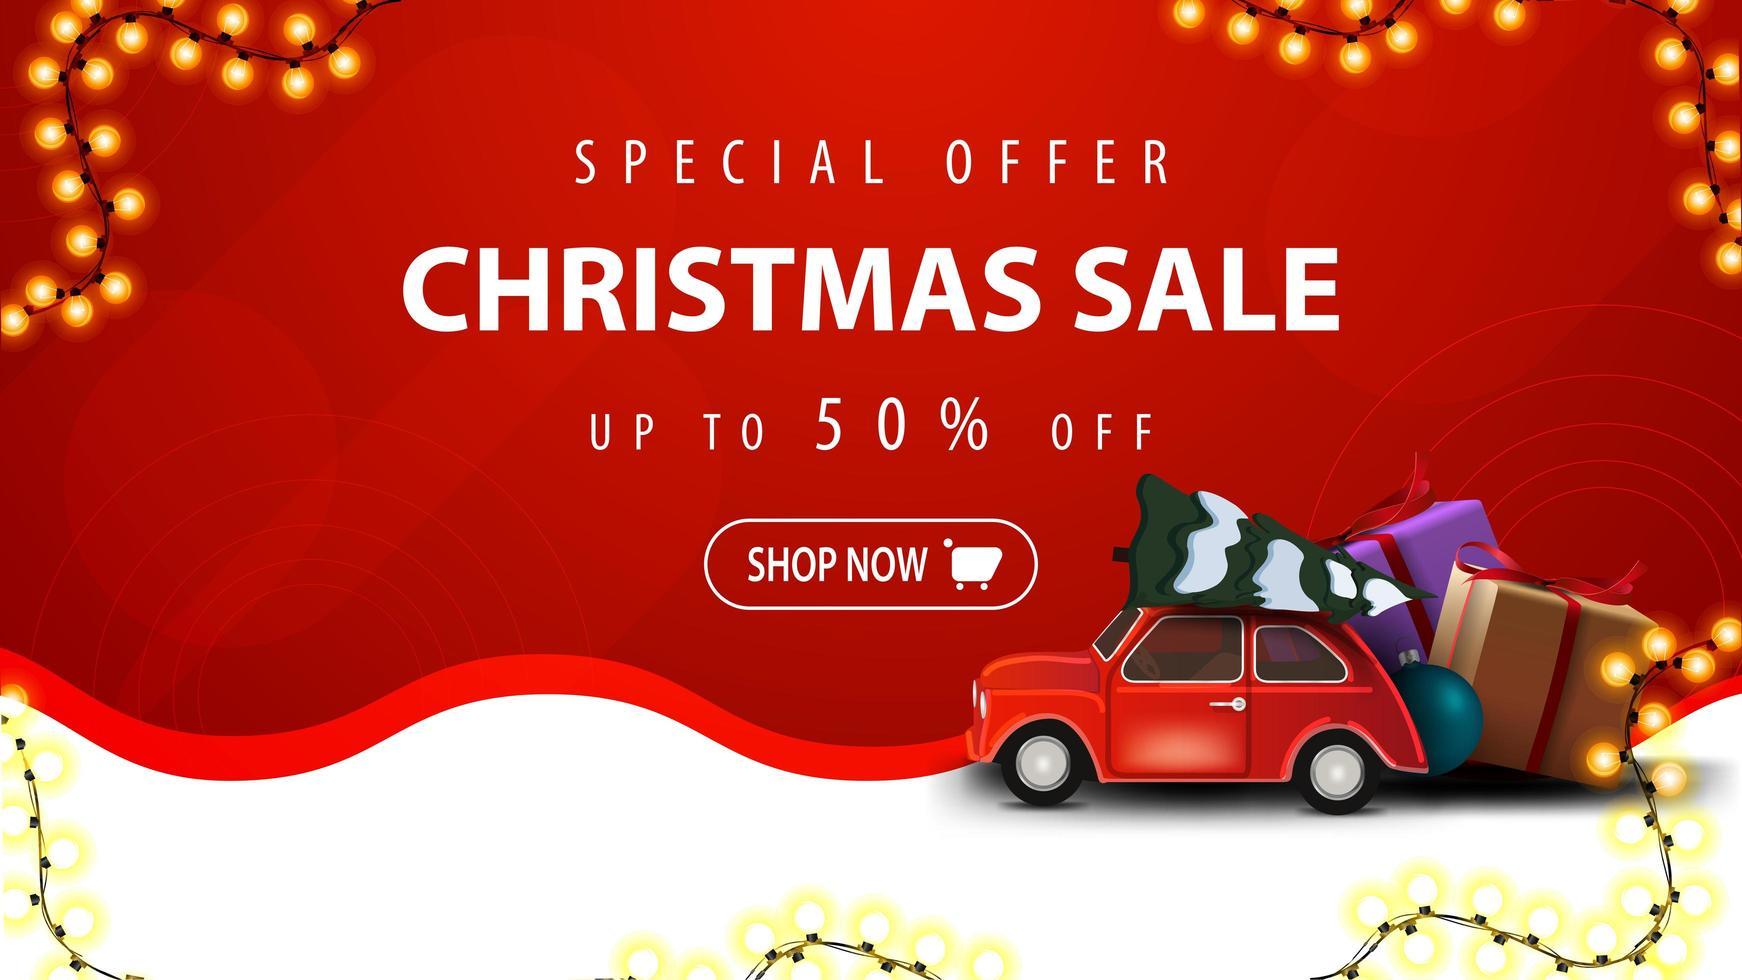 Sonderangebot, Weihnachtsverkauf, bis zu 50 Rabatt, weißes und rotes Rabattbanner mit Girlande, Wellenlinie und rotem Oldtimer mit Weihnachtsbaum vektor